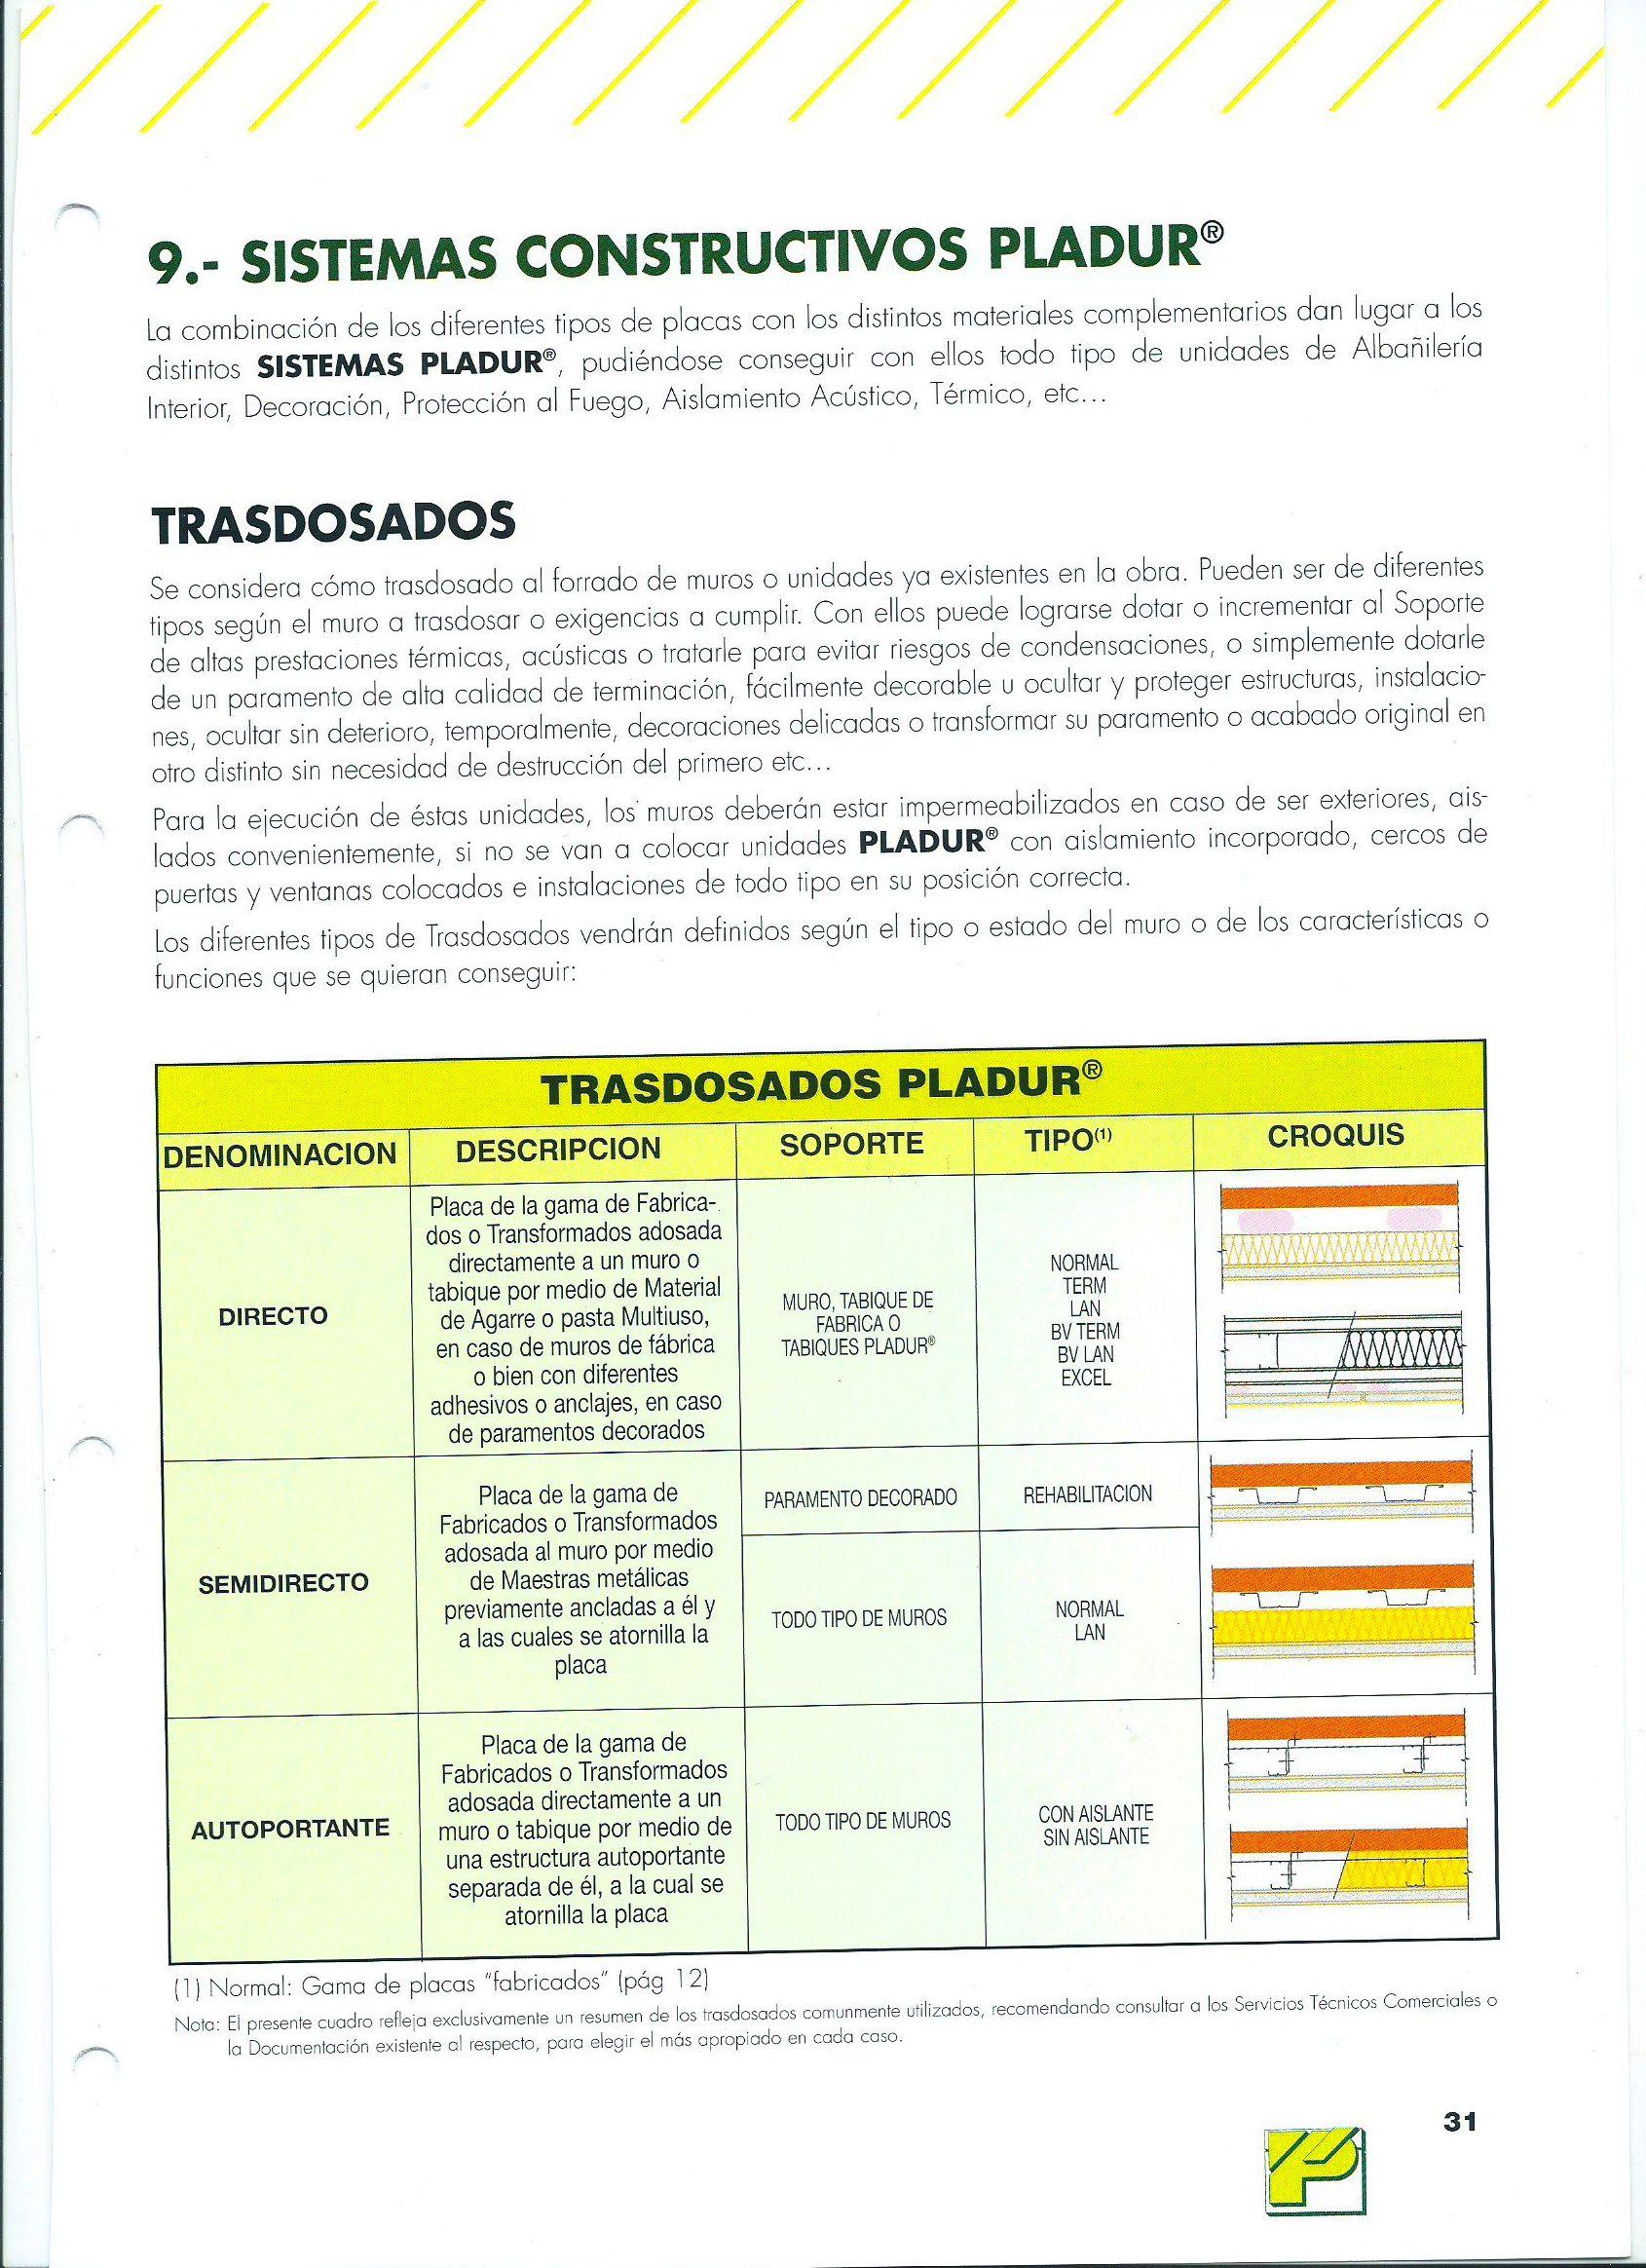 TRASDOSADOS PLADUR: Servicios de Implac